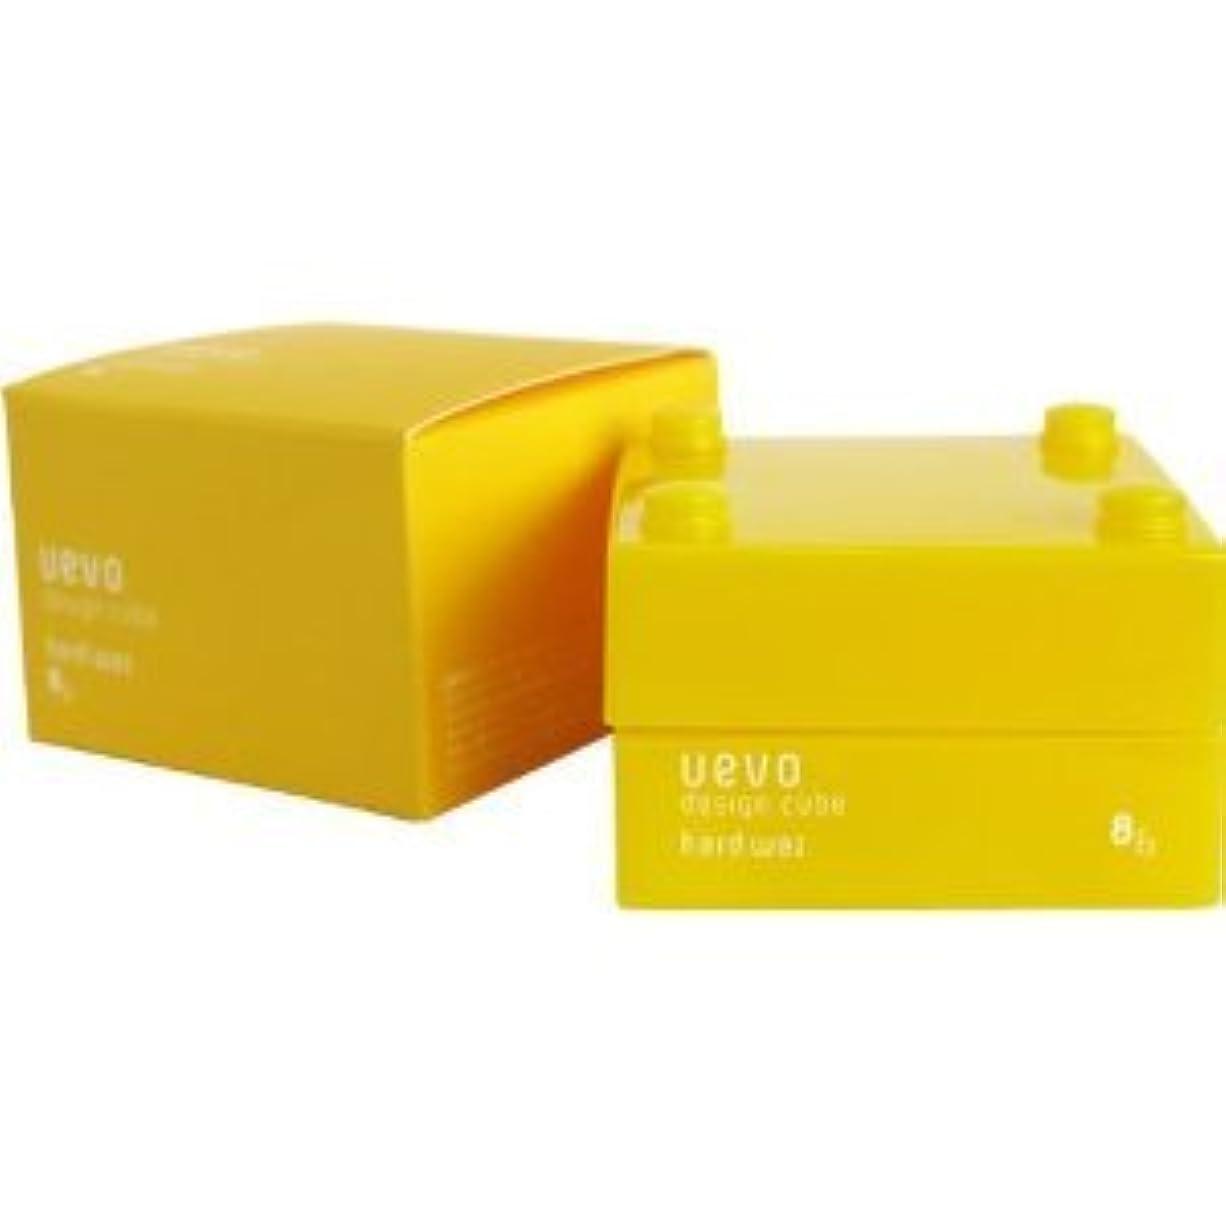 圧倒するトリッキー銃【X2個セット】 デミ ウェーボ デザインキューブ ハードワックス 30g hard wax DEMI uevo design cube